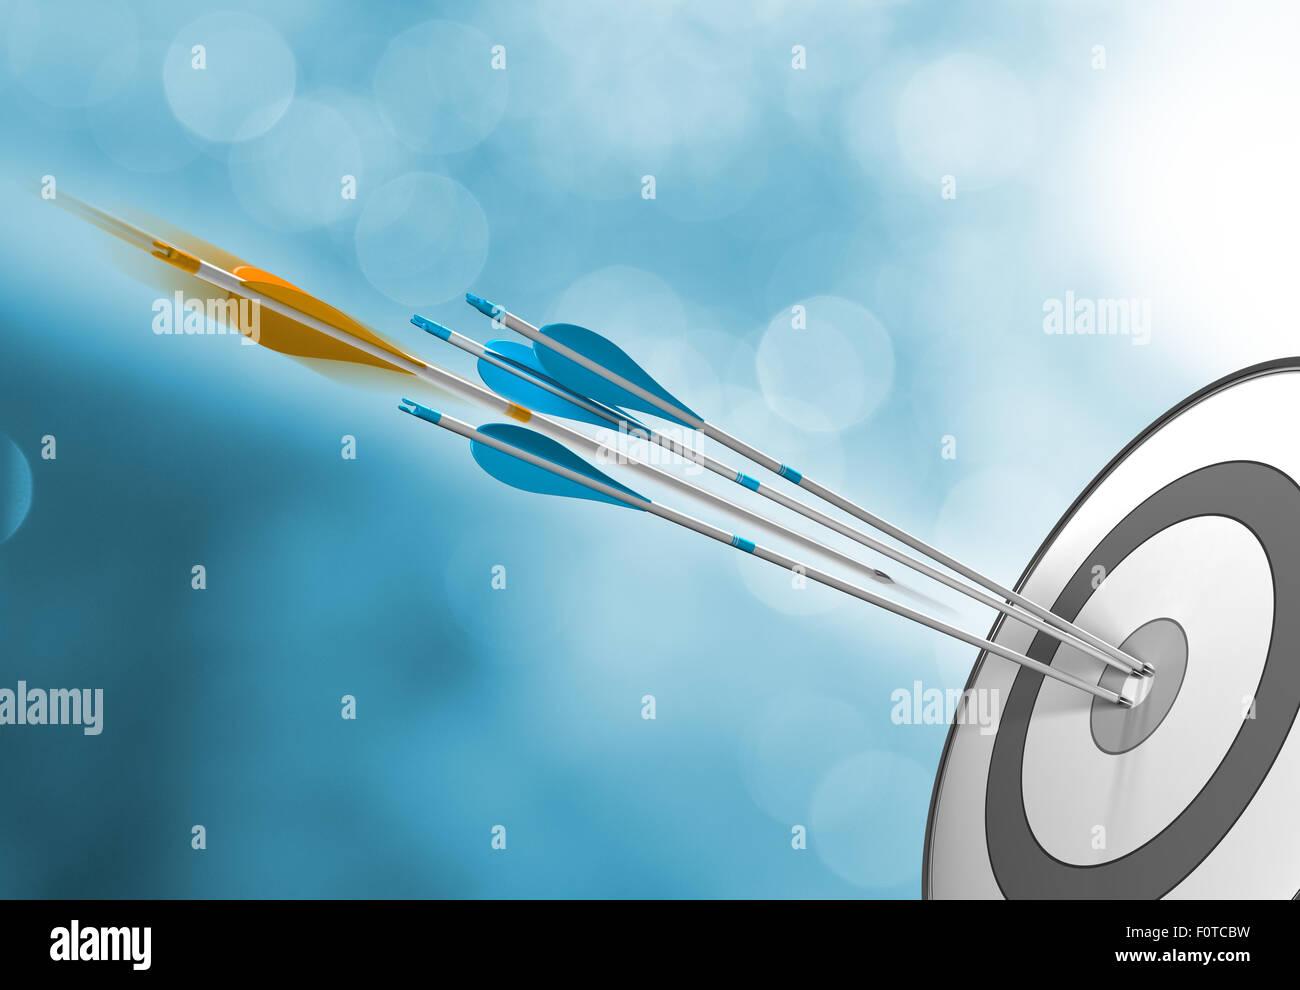 Tre frecce blu di colpire il target center più un arancione una in movimento intorno a colpire il bersaglio. Immagini Stock